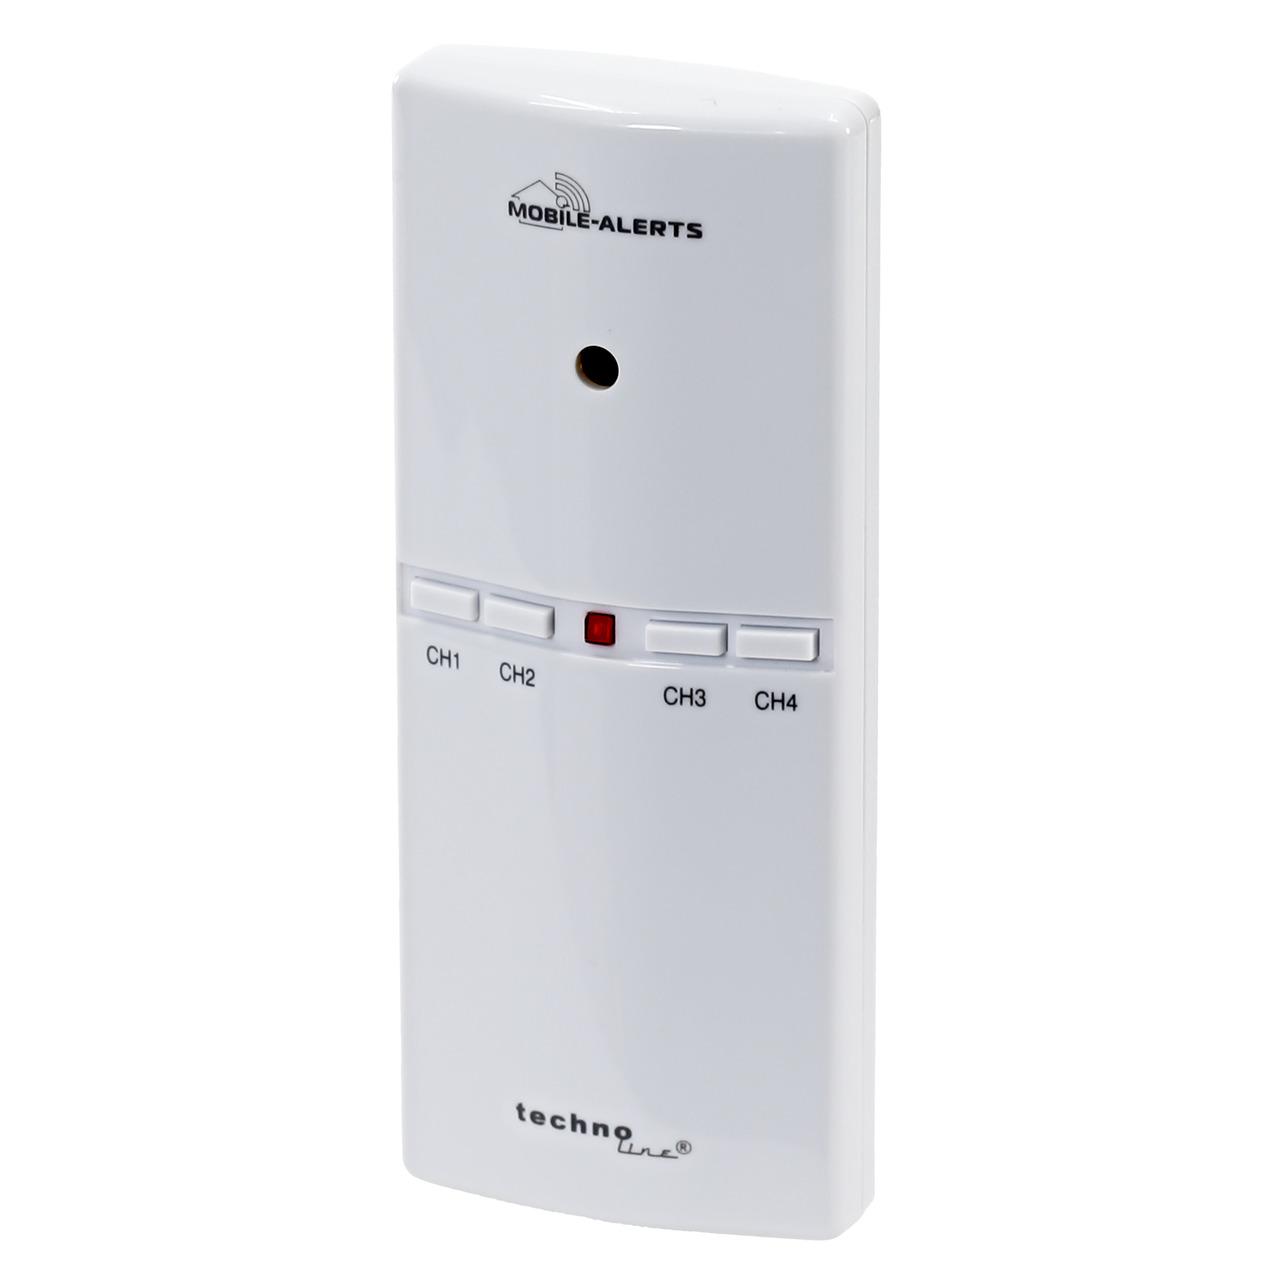 ELV Mobile Alerts Alarmgeber MA10860 für Gefahrenmelder- inkl- Temperatursensor